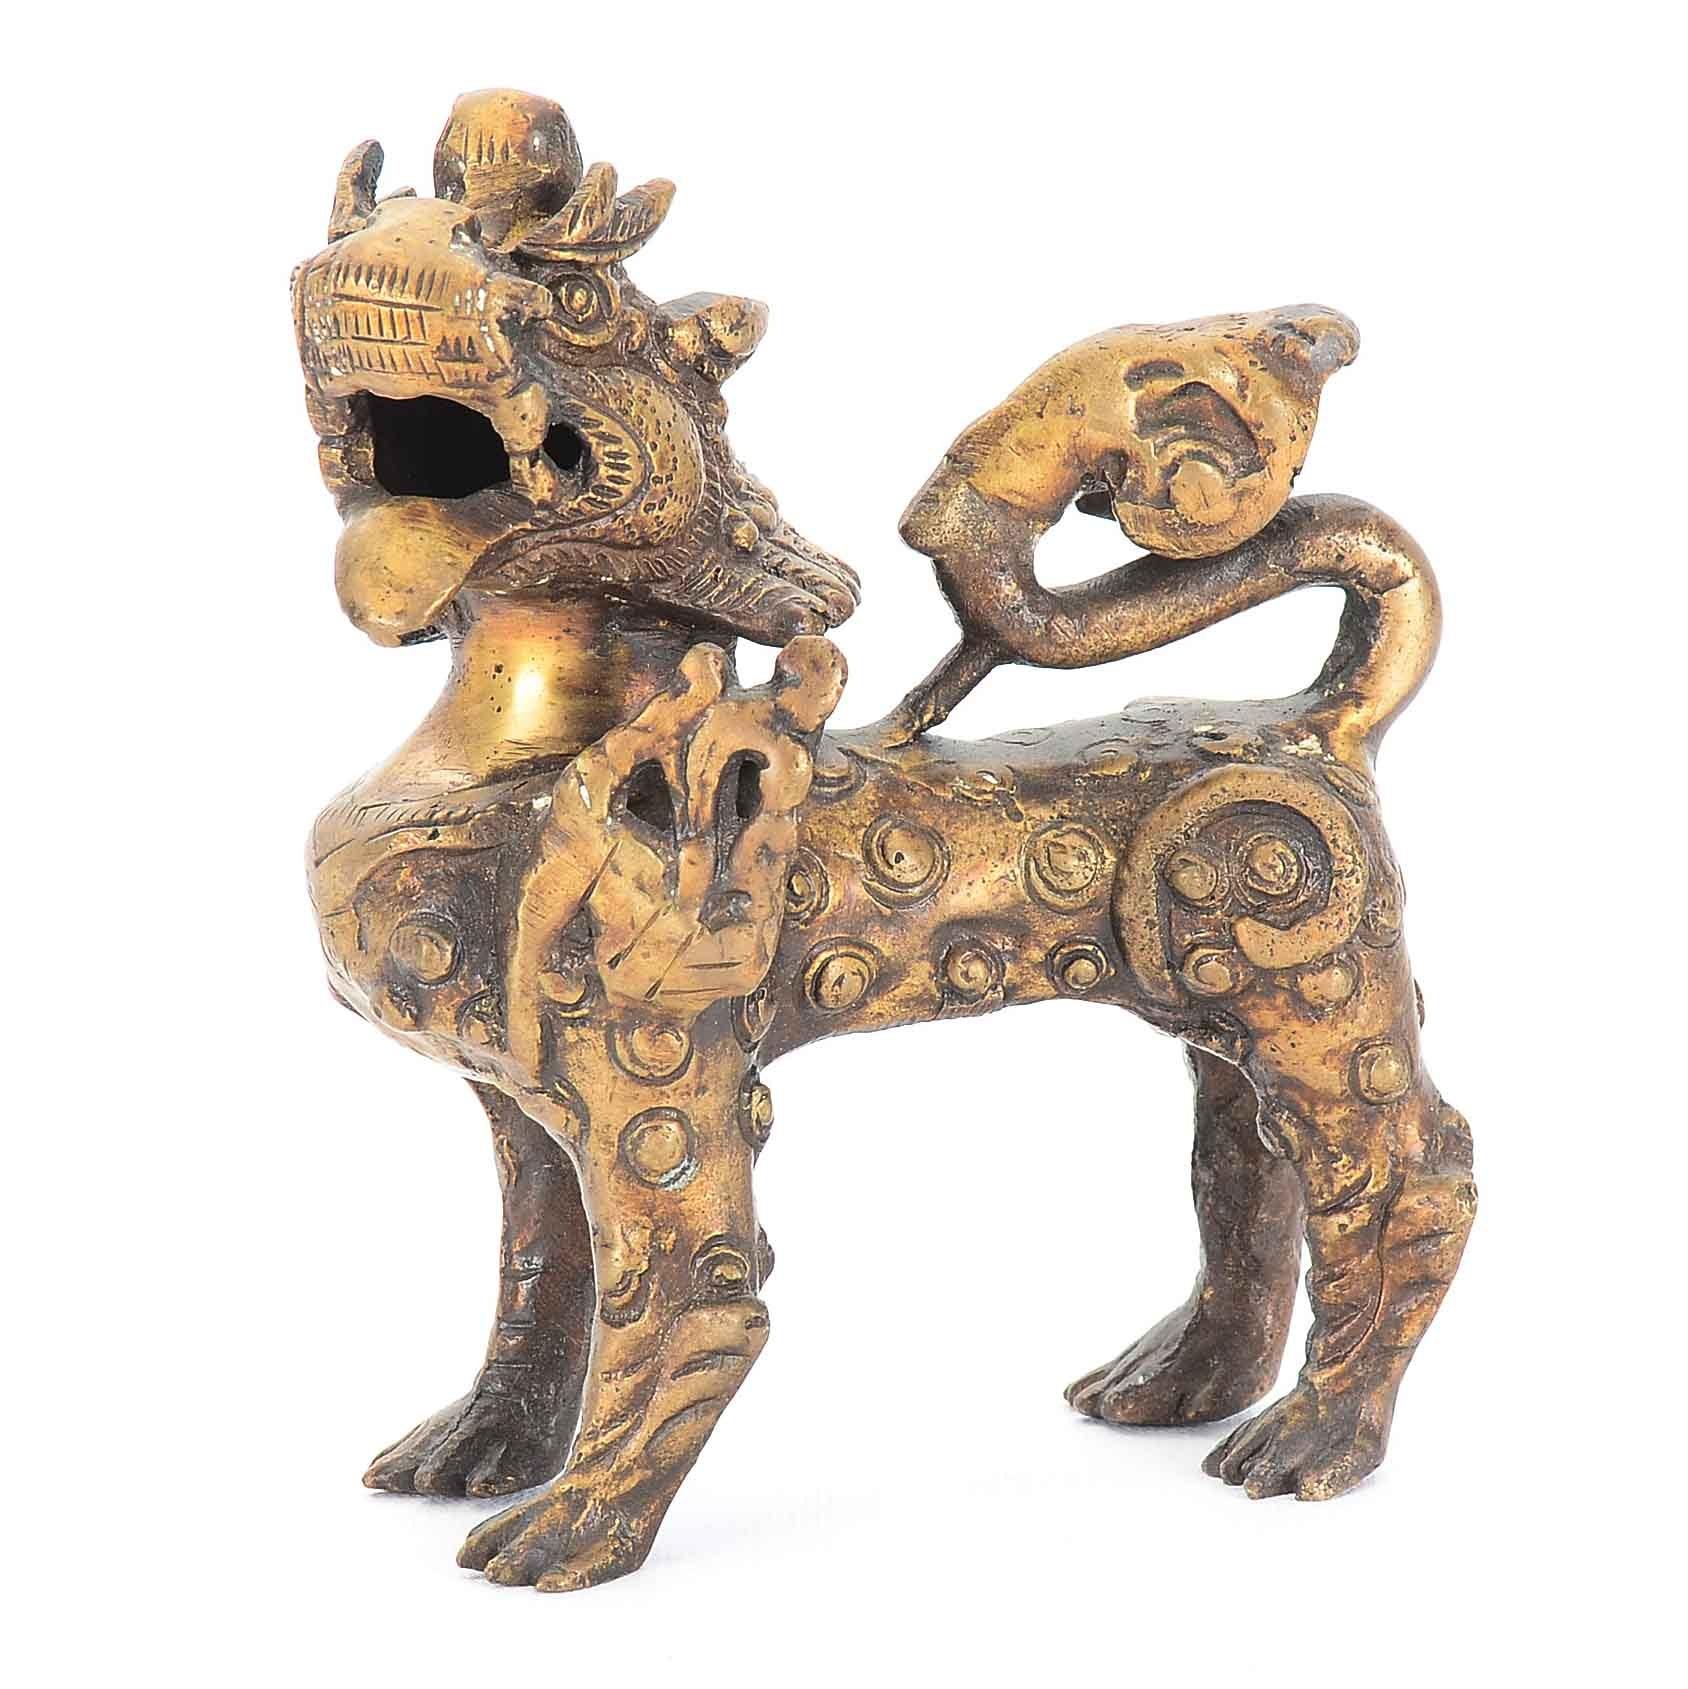 Vintage Sino-Tibetan Guardian Lion Figurine